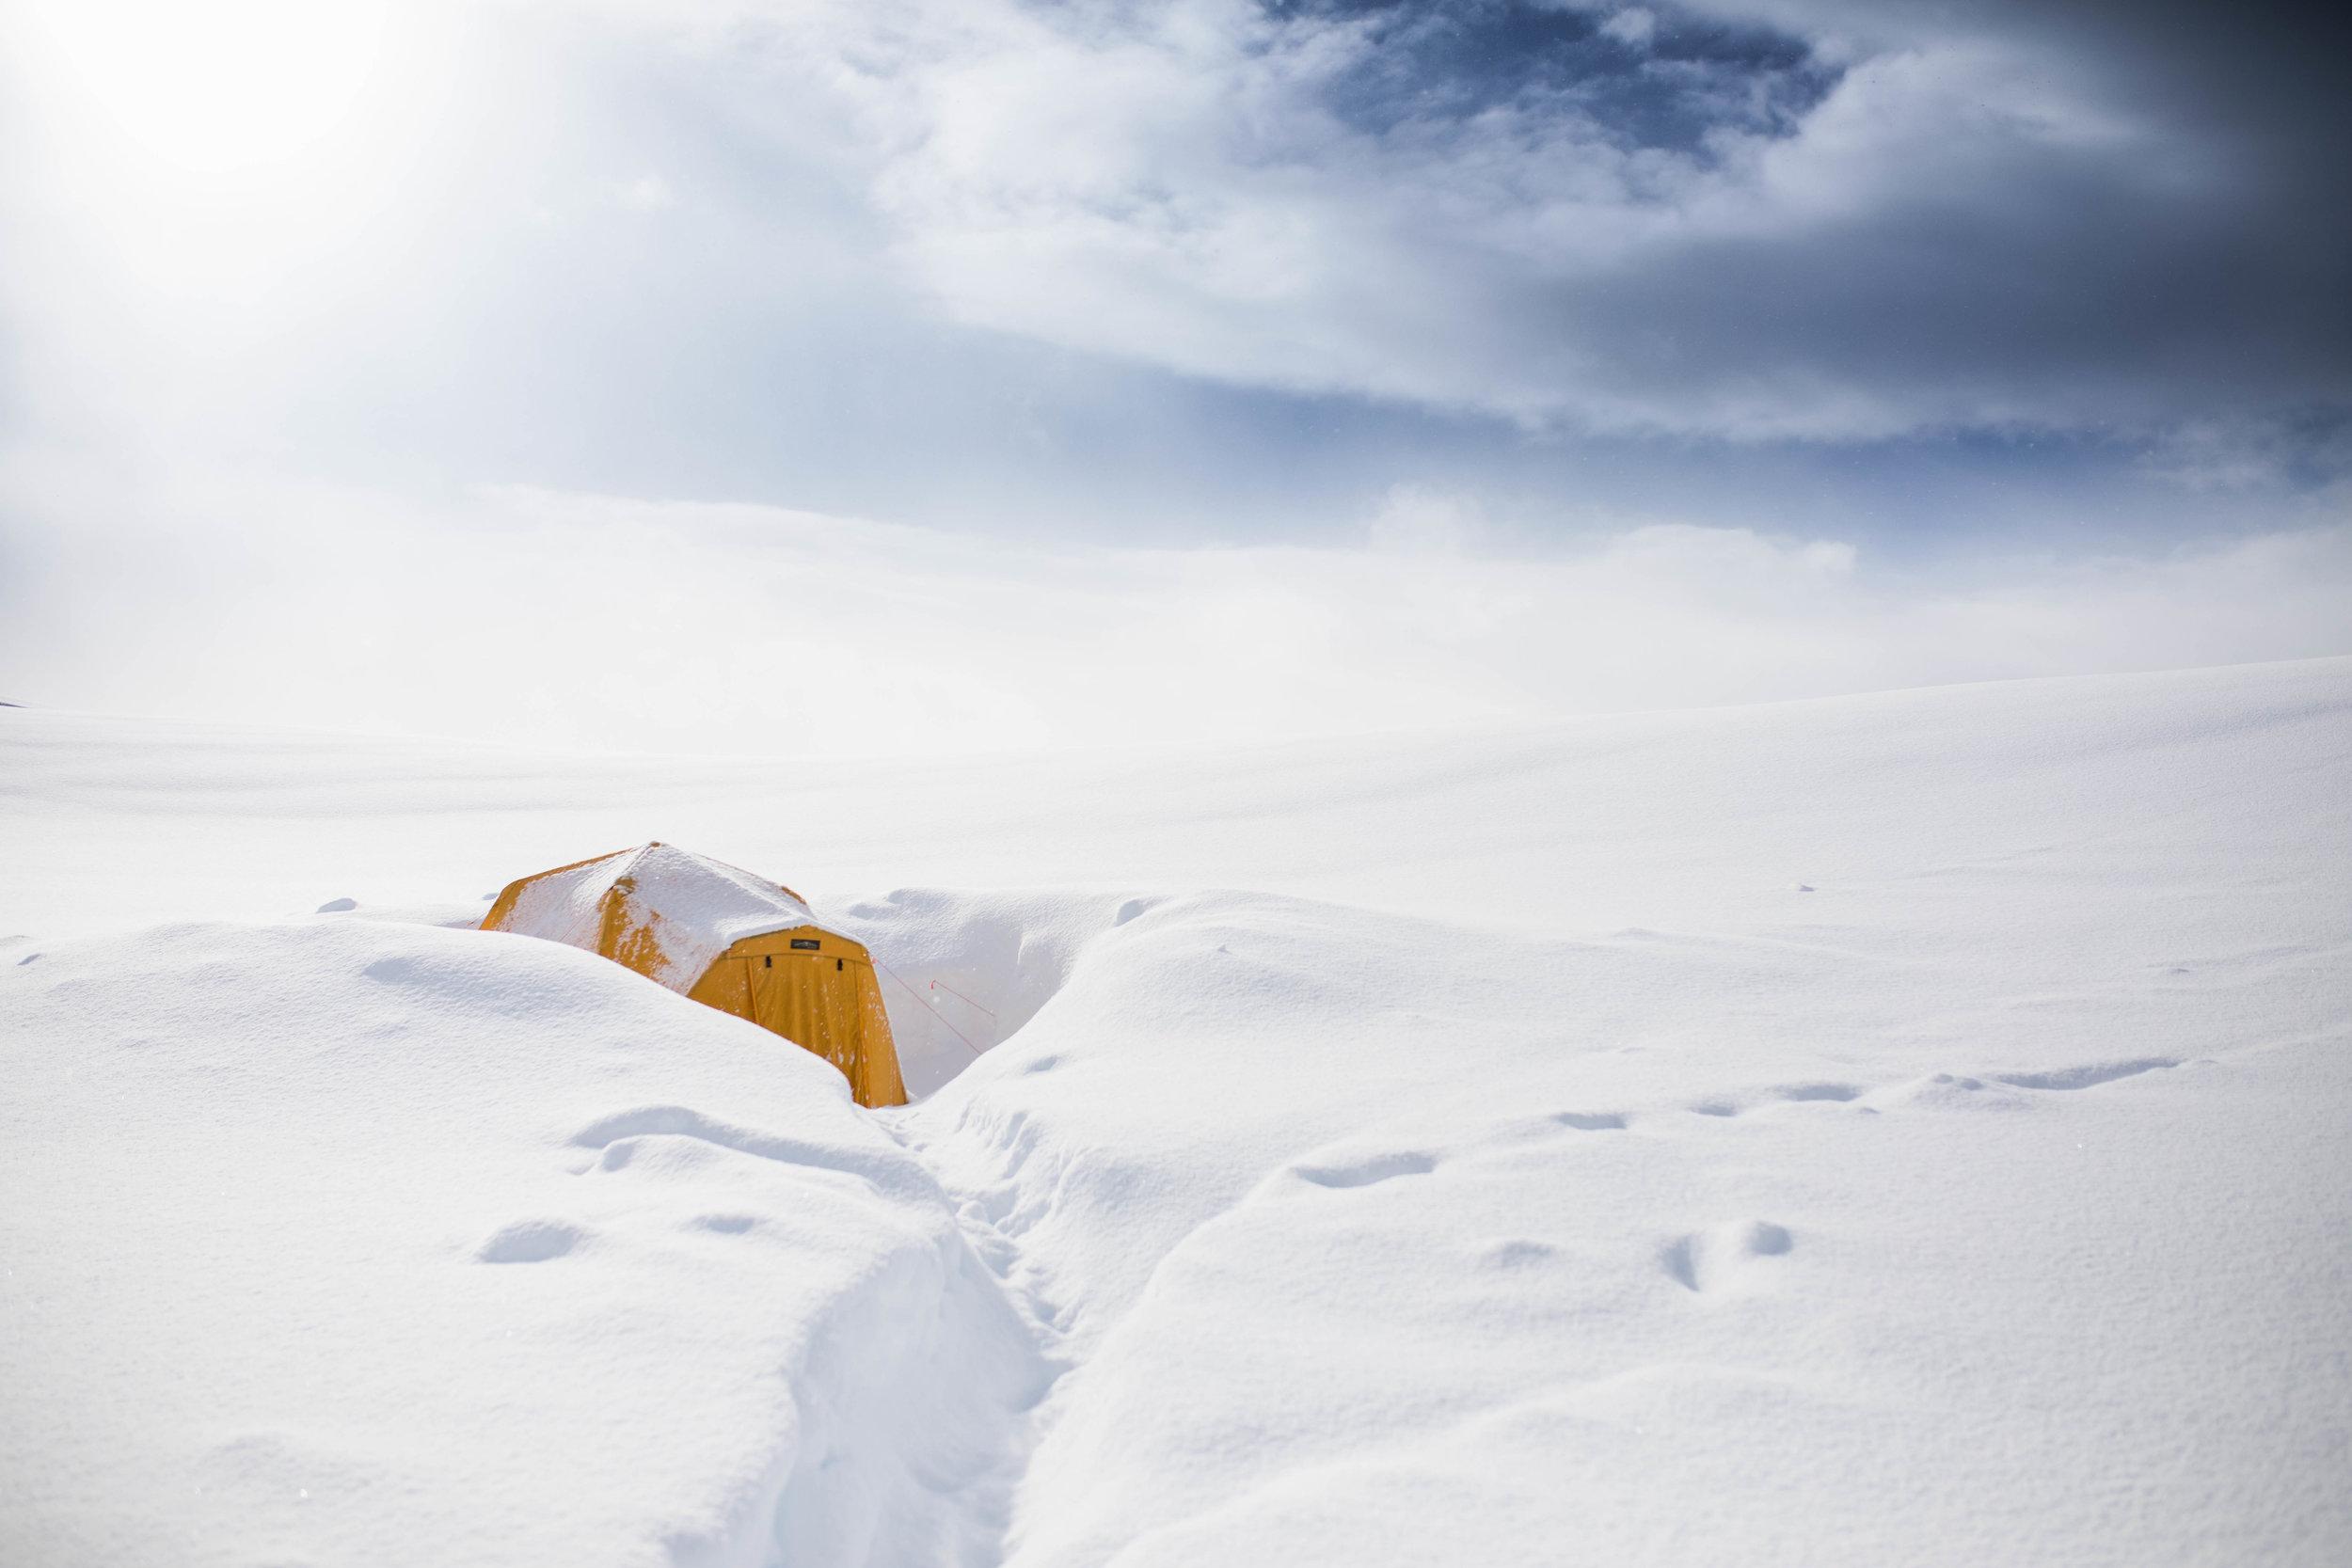 I love ski camping!